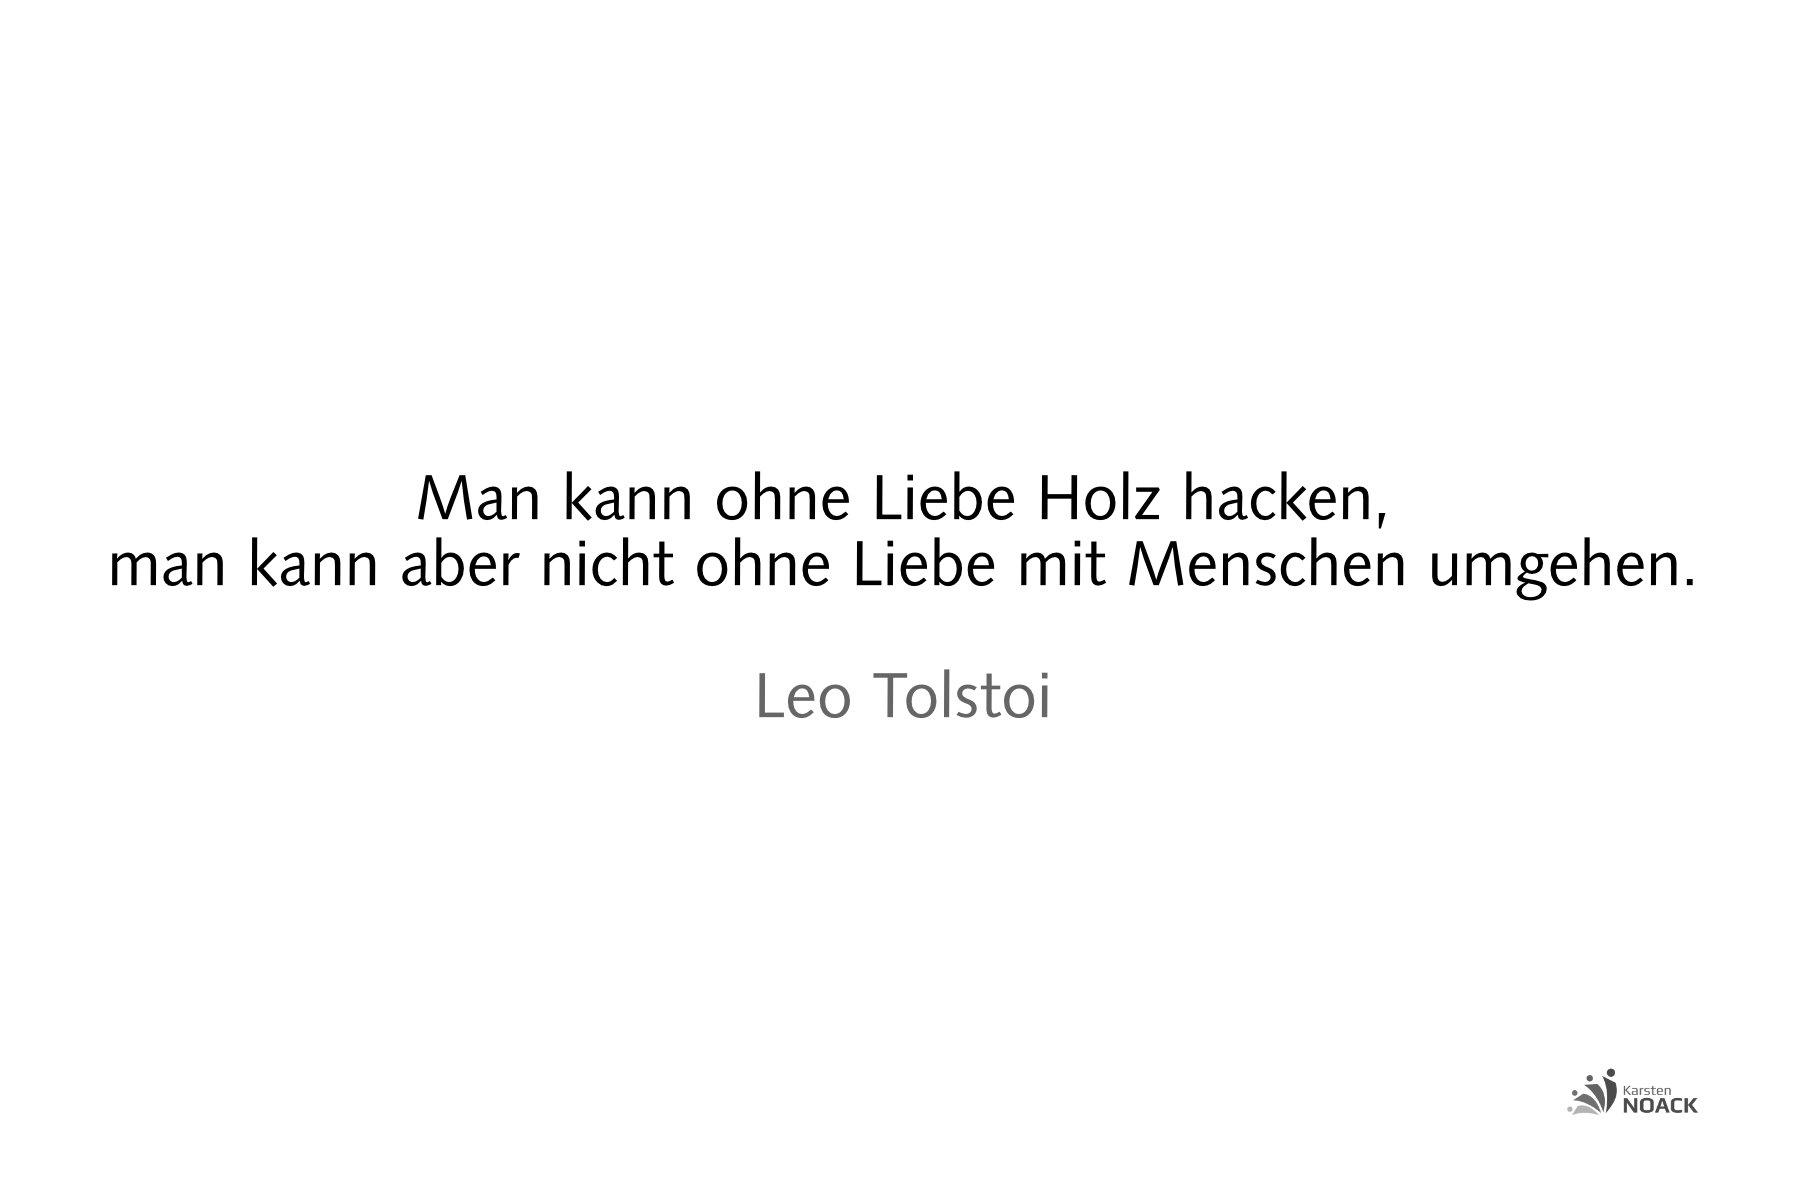 Man kann ohne Liebe Holz hacken, man kann aber nicht ohne Liebe mit Menschen umgehen. Leo Tolstoi